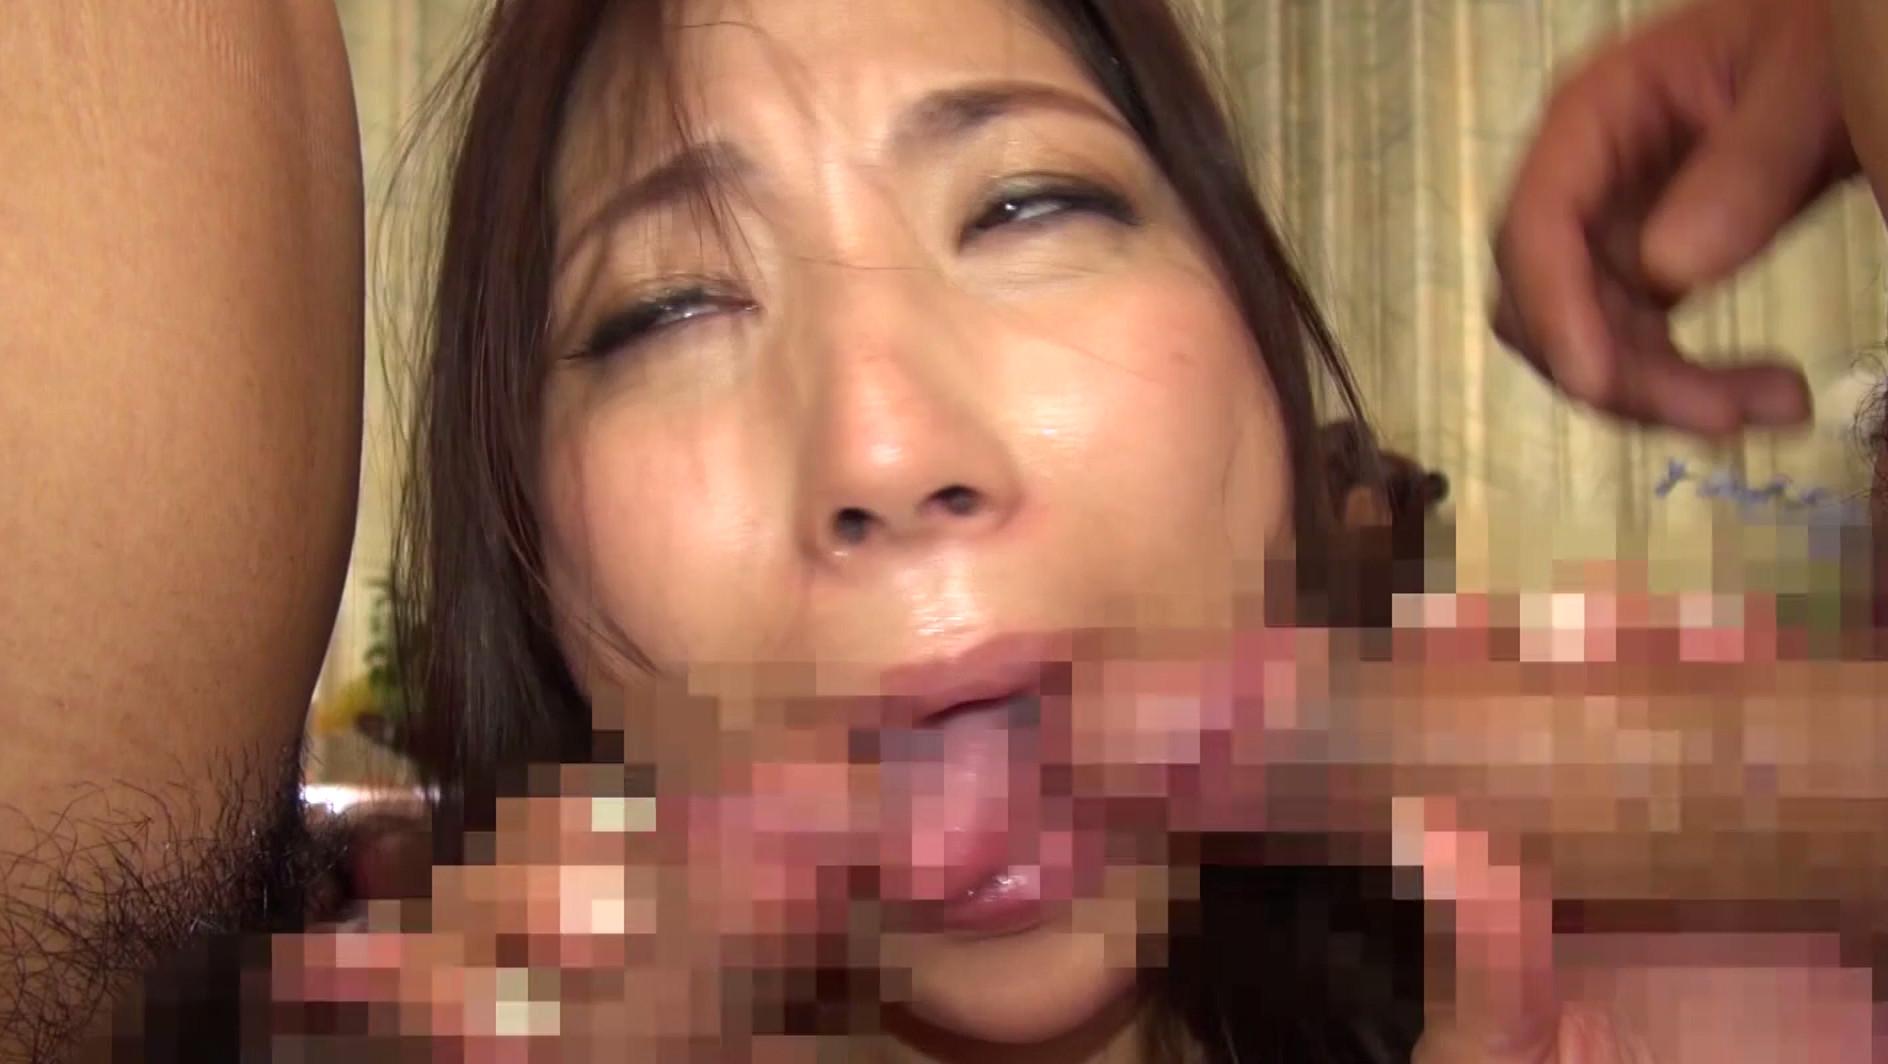 「私の妻を犯して下さい!」旦那に他人チ○ポを強要された!オマ○コから溢れるほど精子が出るくらい3P中出しされた羞恥夫人 画像13